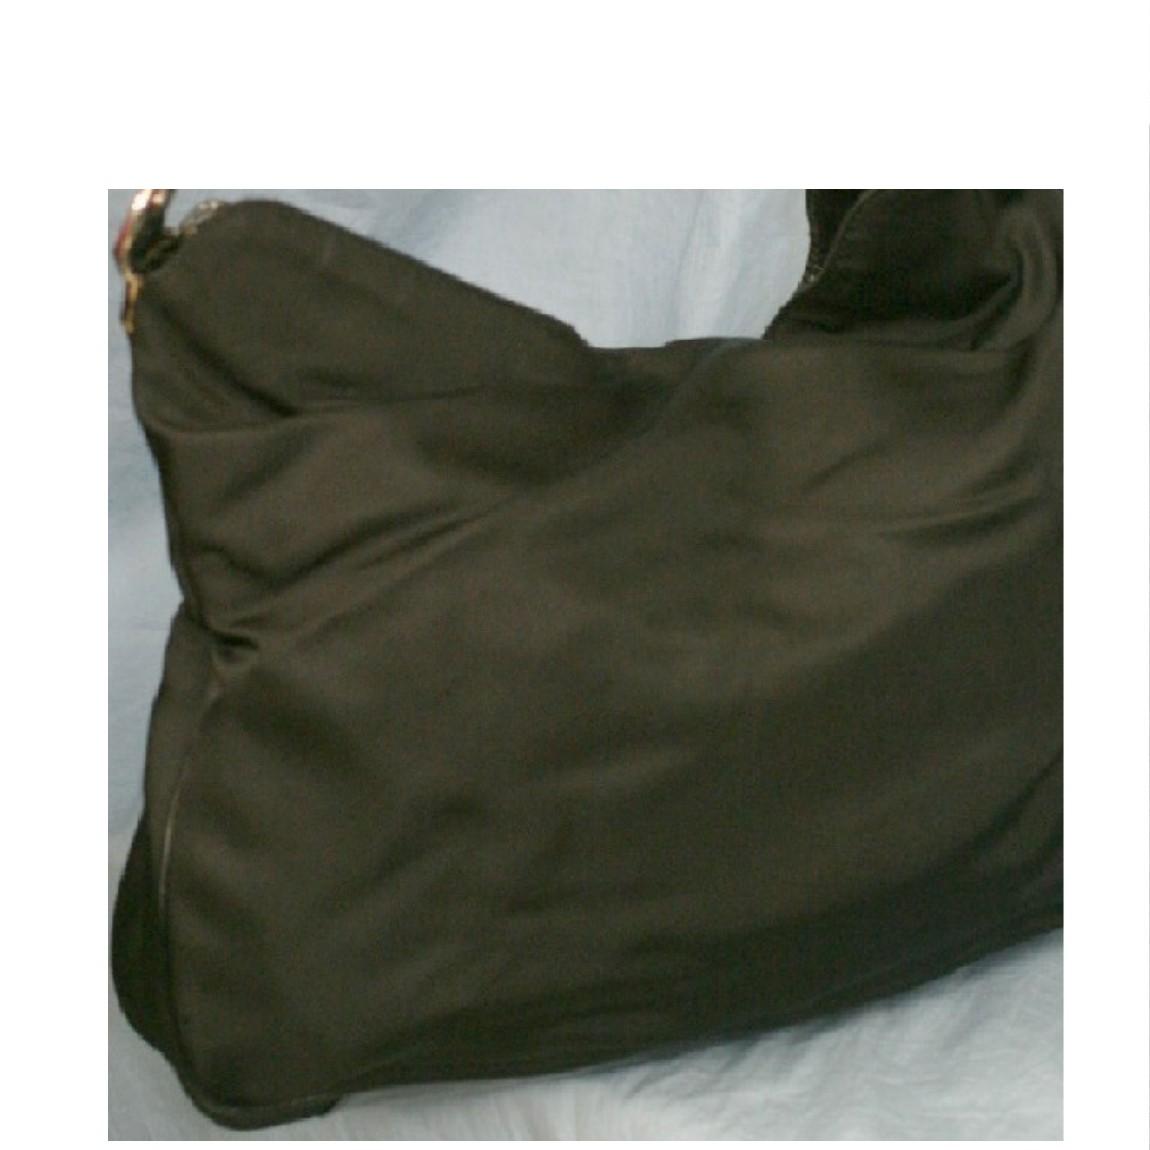 【中古】本物グッチバンブー持ち手38,5cm黒ナイロンx黒カーフホーボーバッグ